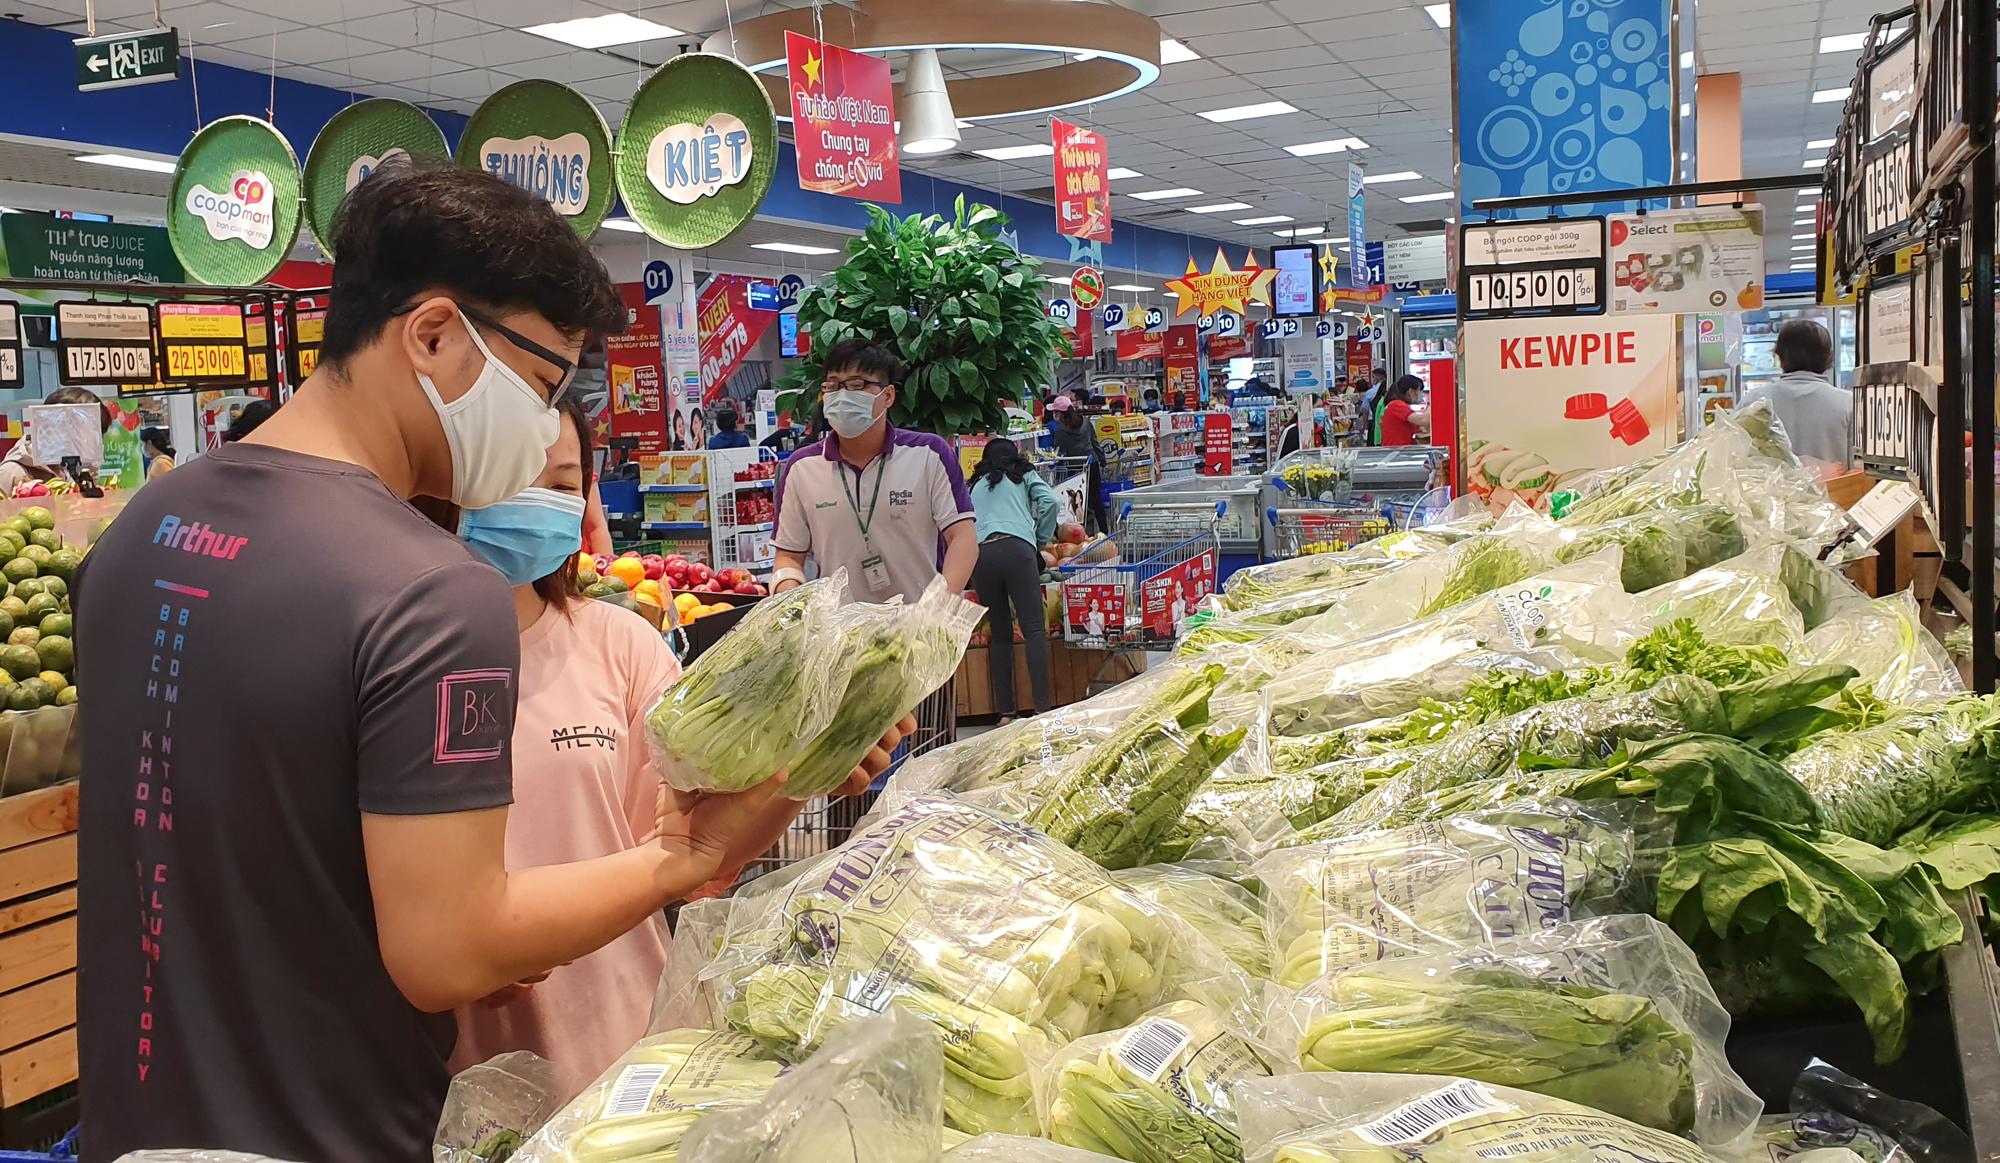 Hệ thống siêu thị Co.opmart giảm giá các mặt hàng 'giải nhiệt' - VnExpress  Kinh doanh